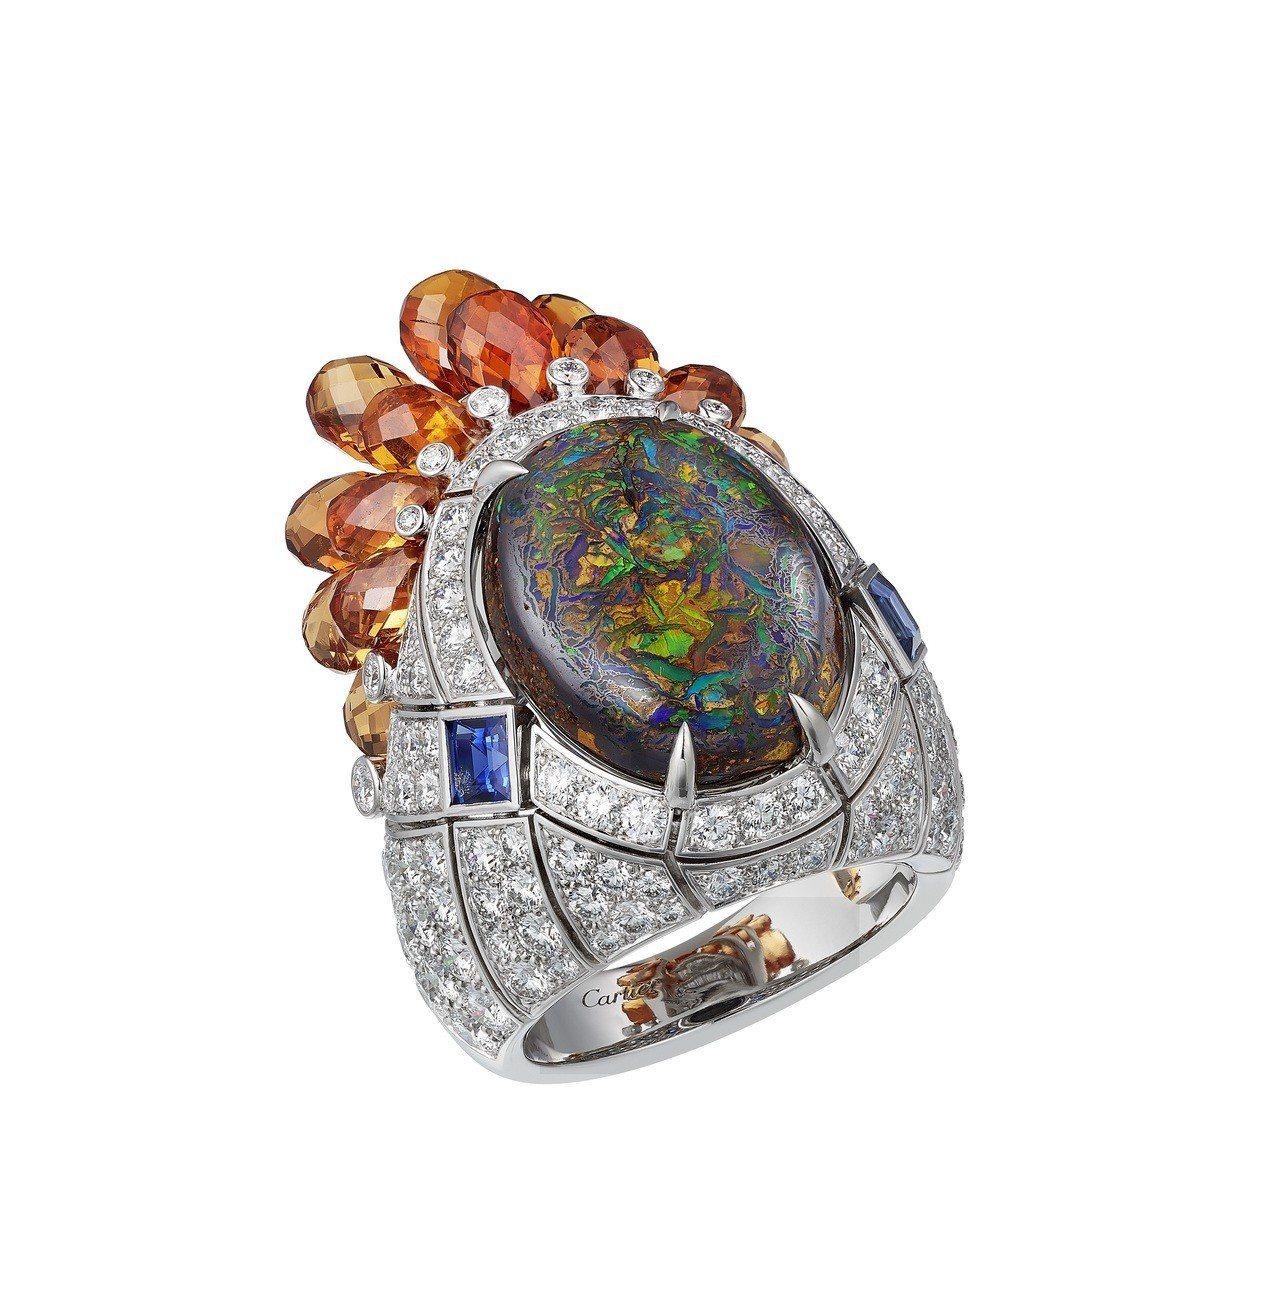 卡地亞MAGNITUDE頂級珠寶系列ZEMIA戒指,白K金鑲嵌8.95克拉凸圓形...